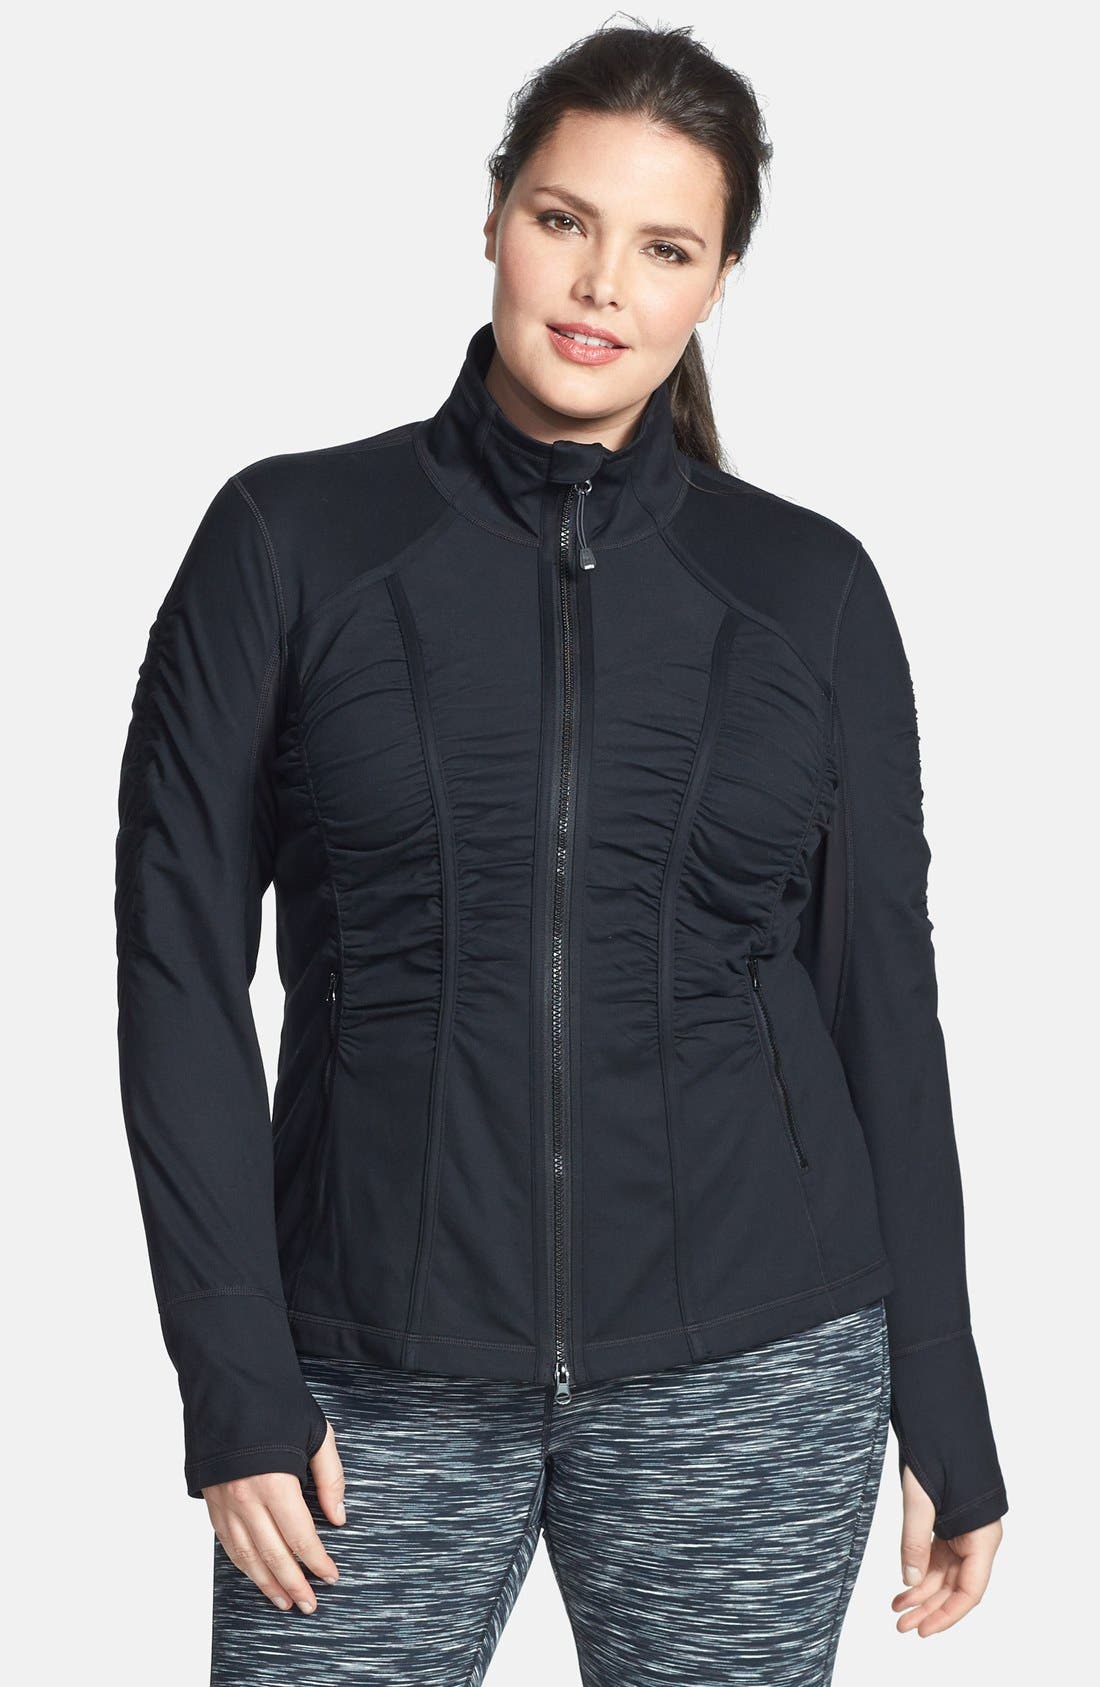 Alternate Image 1 Selected - Zella 'Trinity' Jacket (Plus Size)